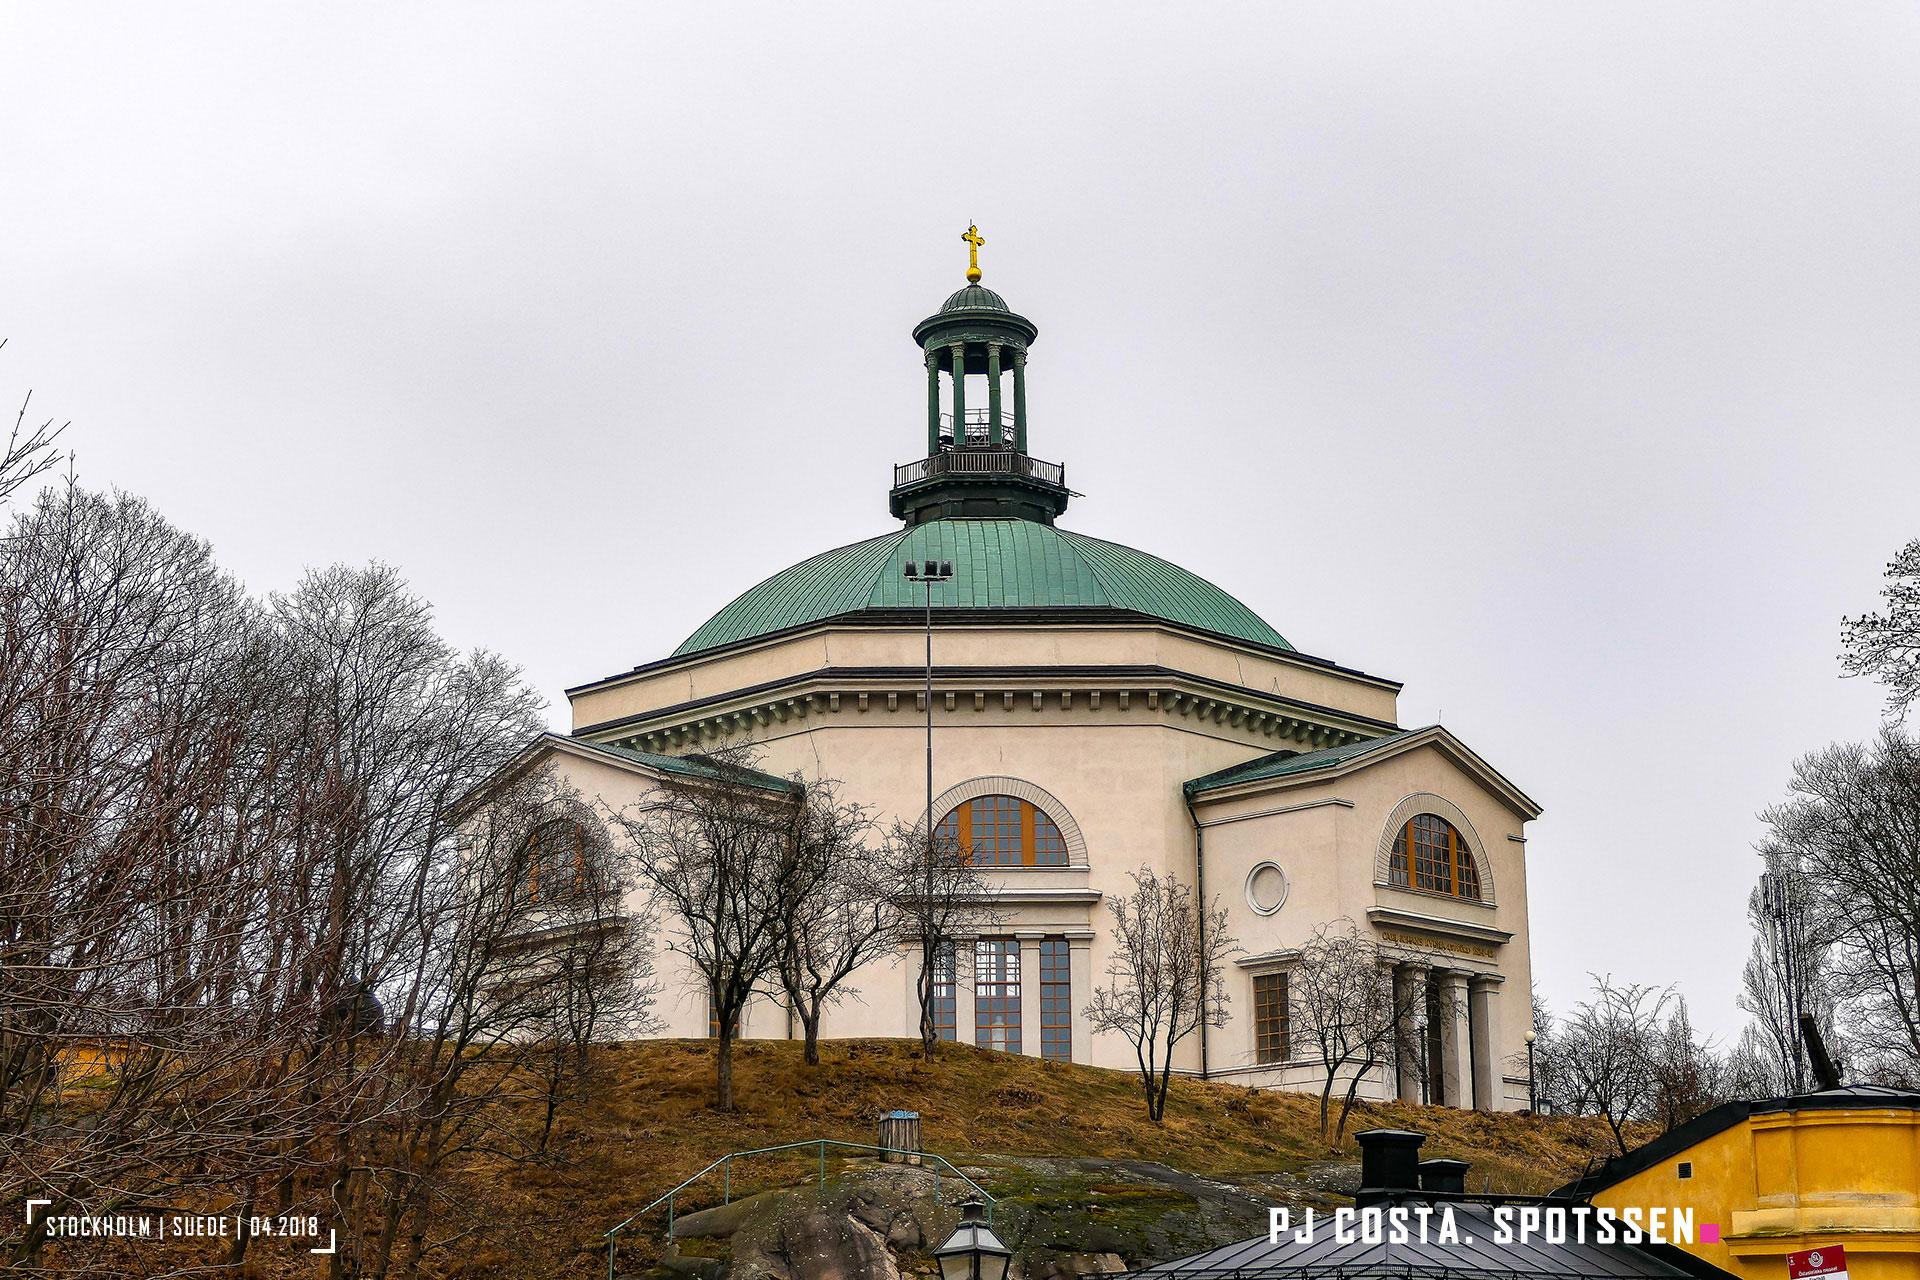 2019, stockholm, skeppsholmen